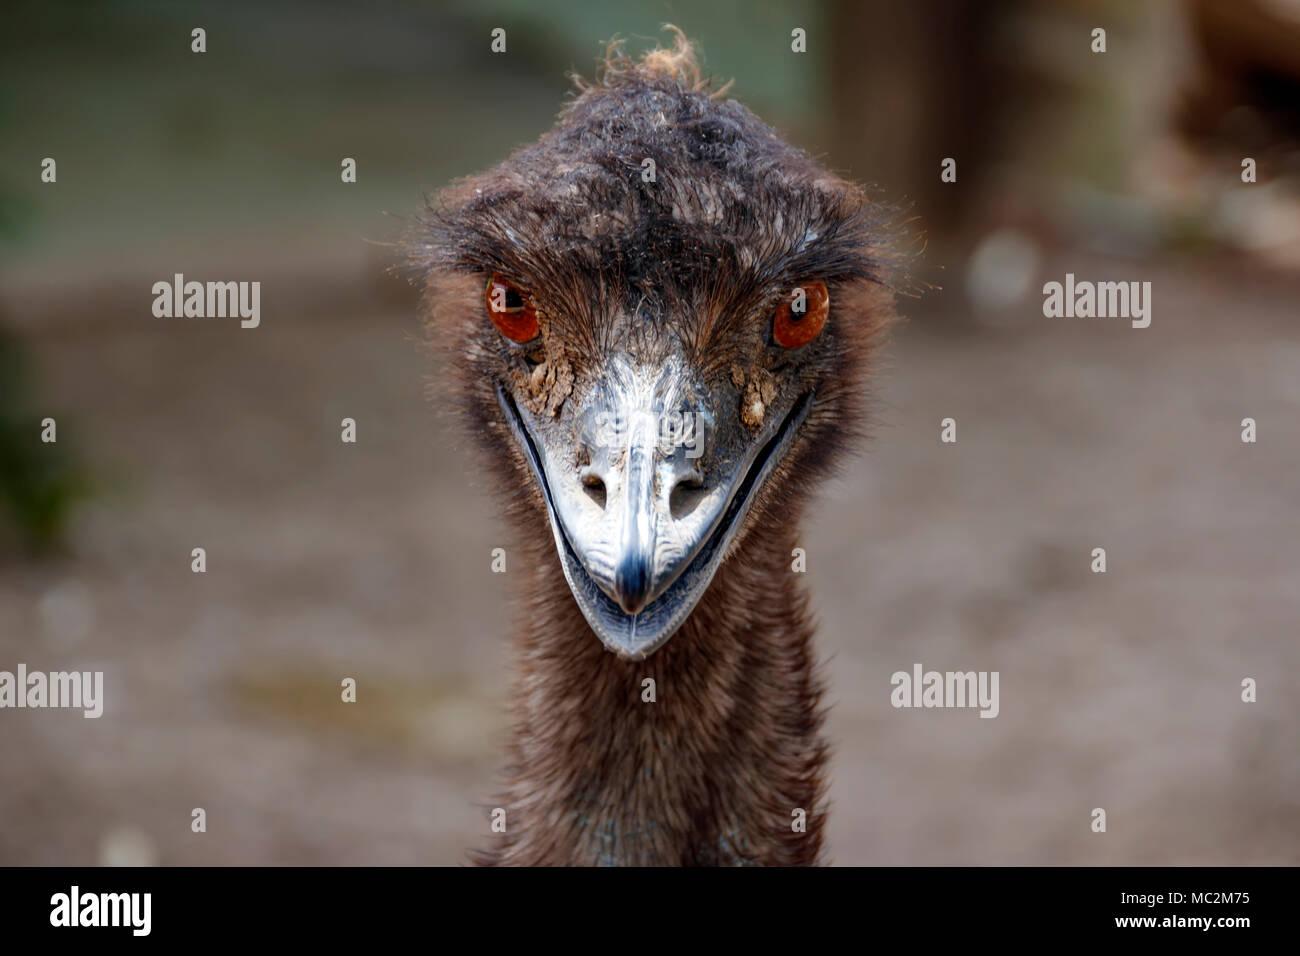 Portrait d'une Autruche Émeu. Tête de l'oiseau close-up Photo Stock